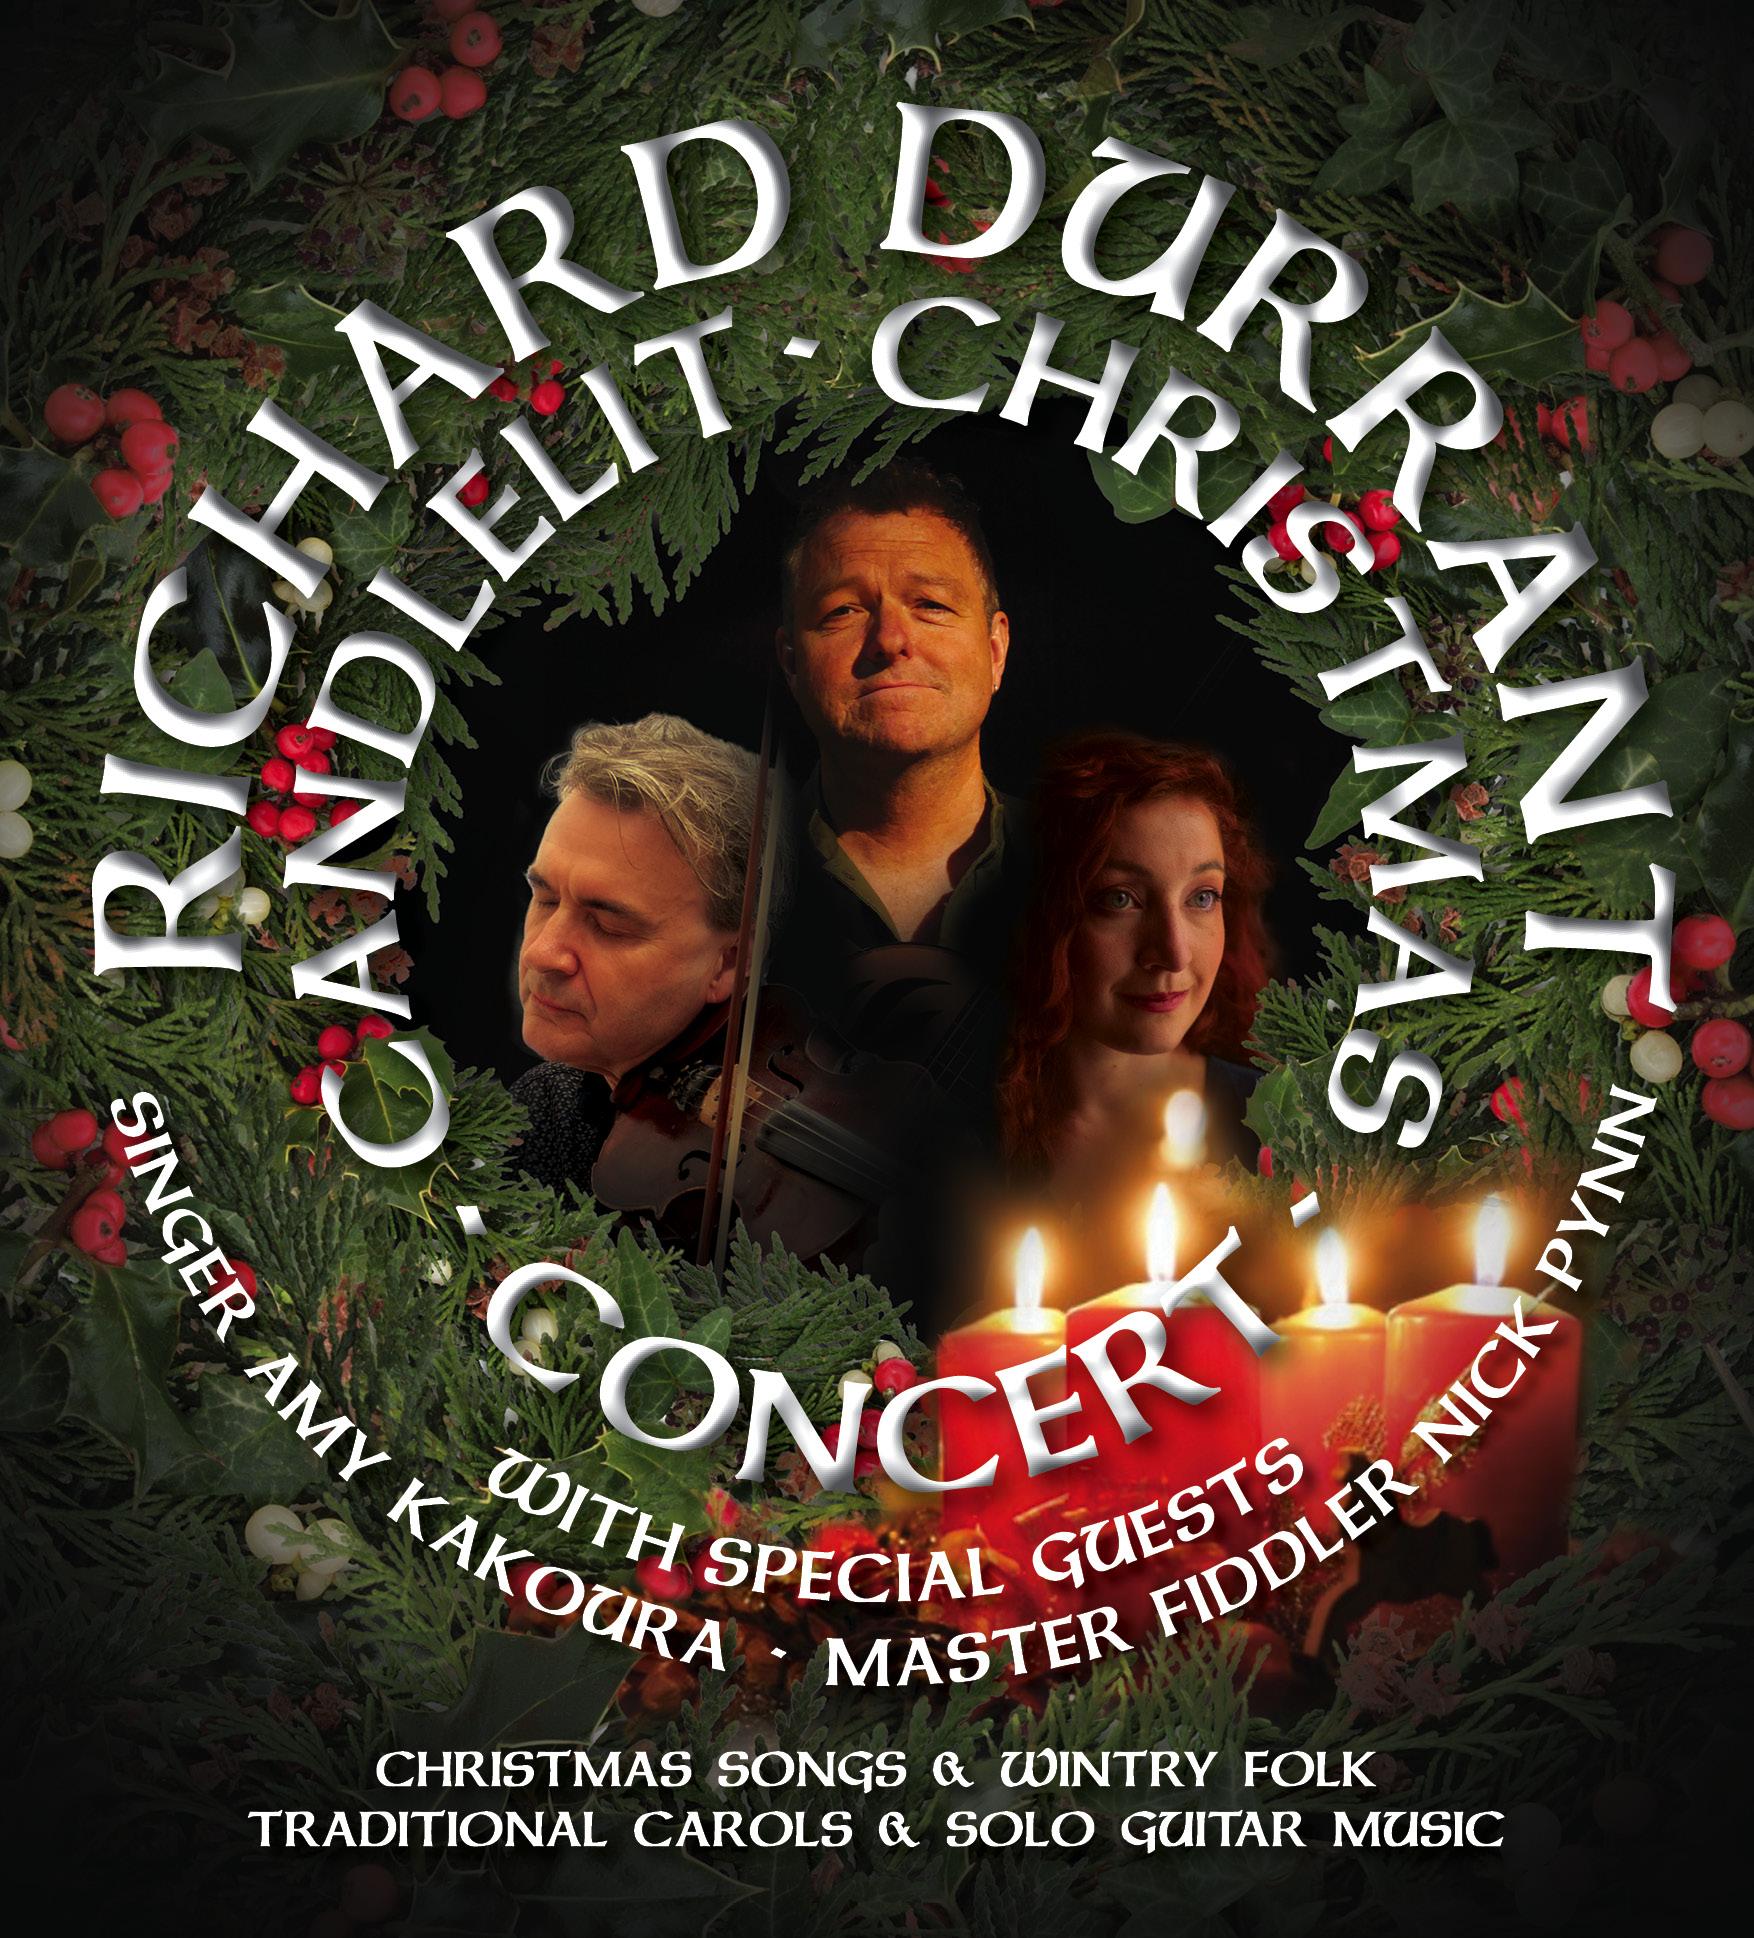 2019 Christmas Music.Candlelit Christmas Concerts 2019 Richard Durrant